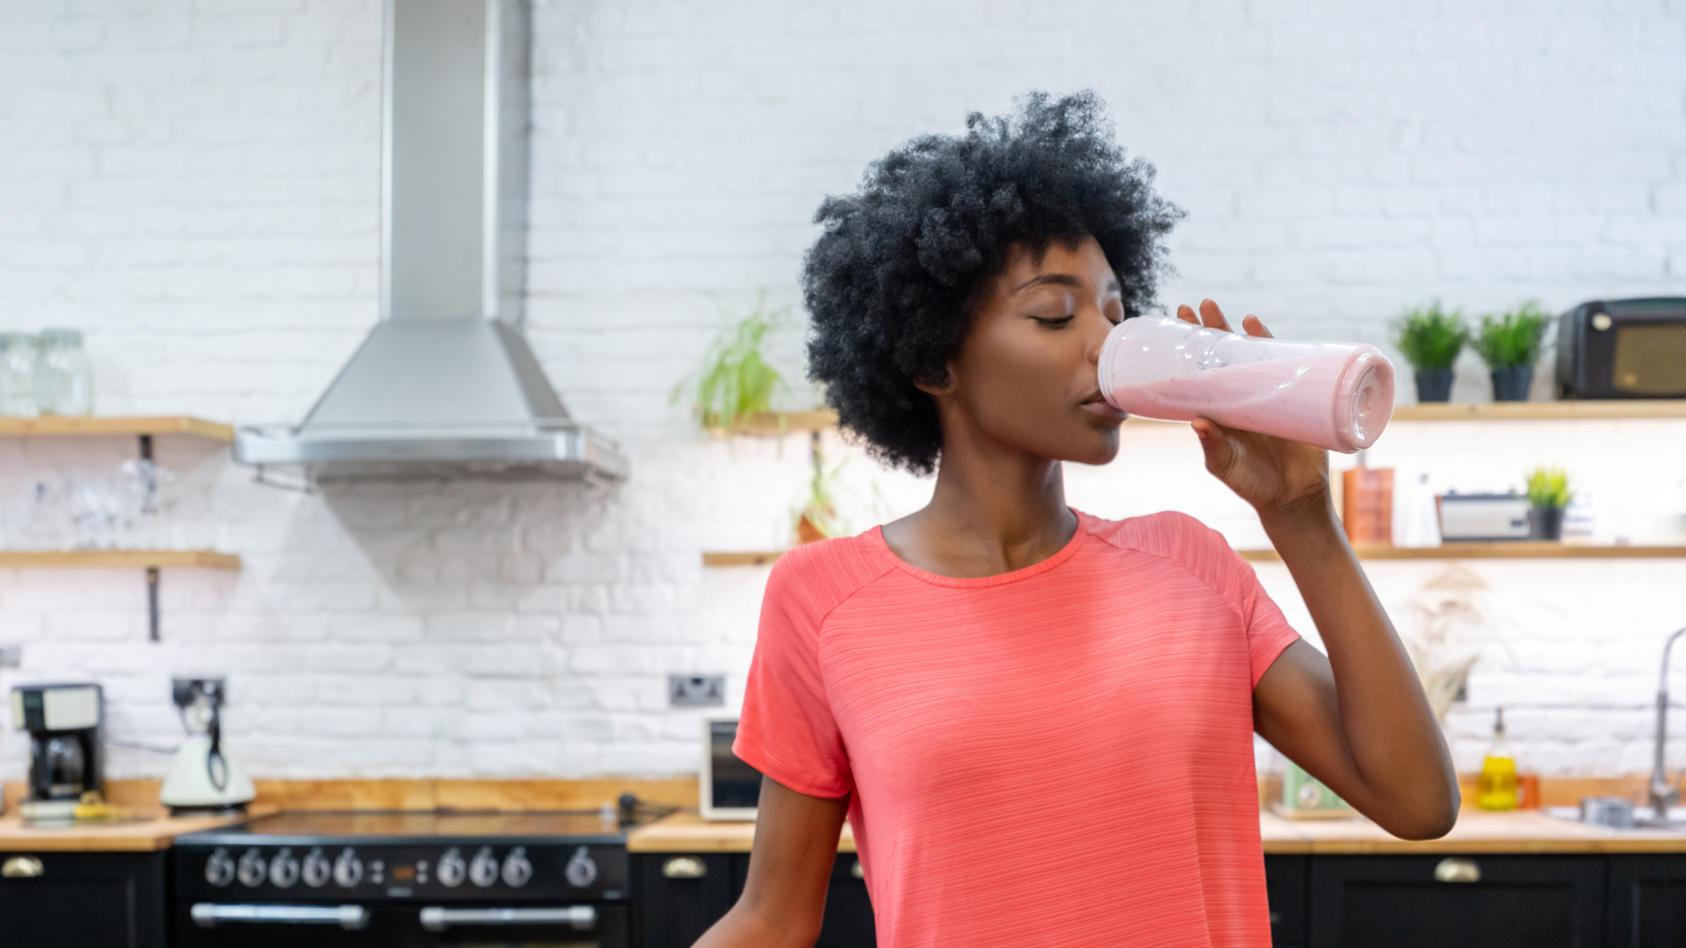 Schnell einen Shake trinken anstatt zu kochen?